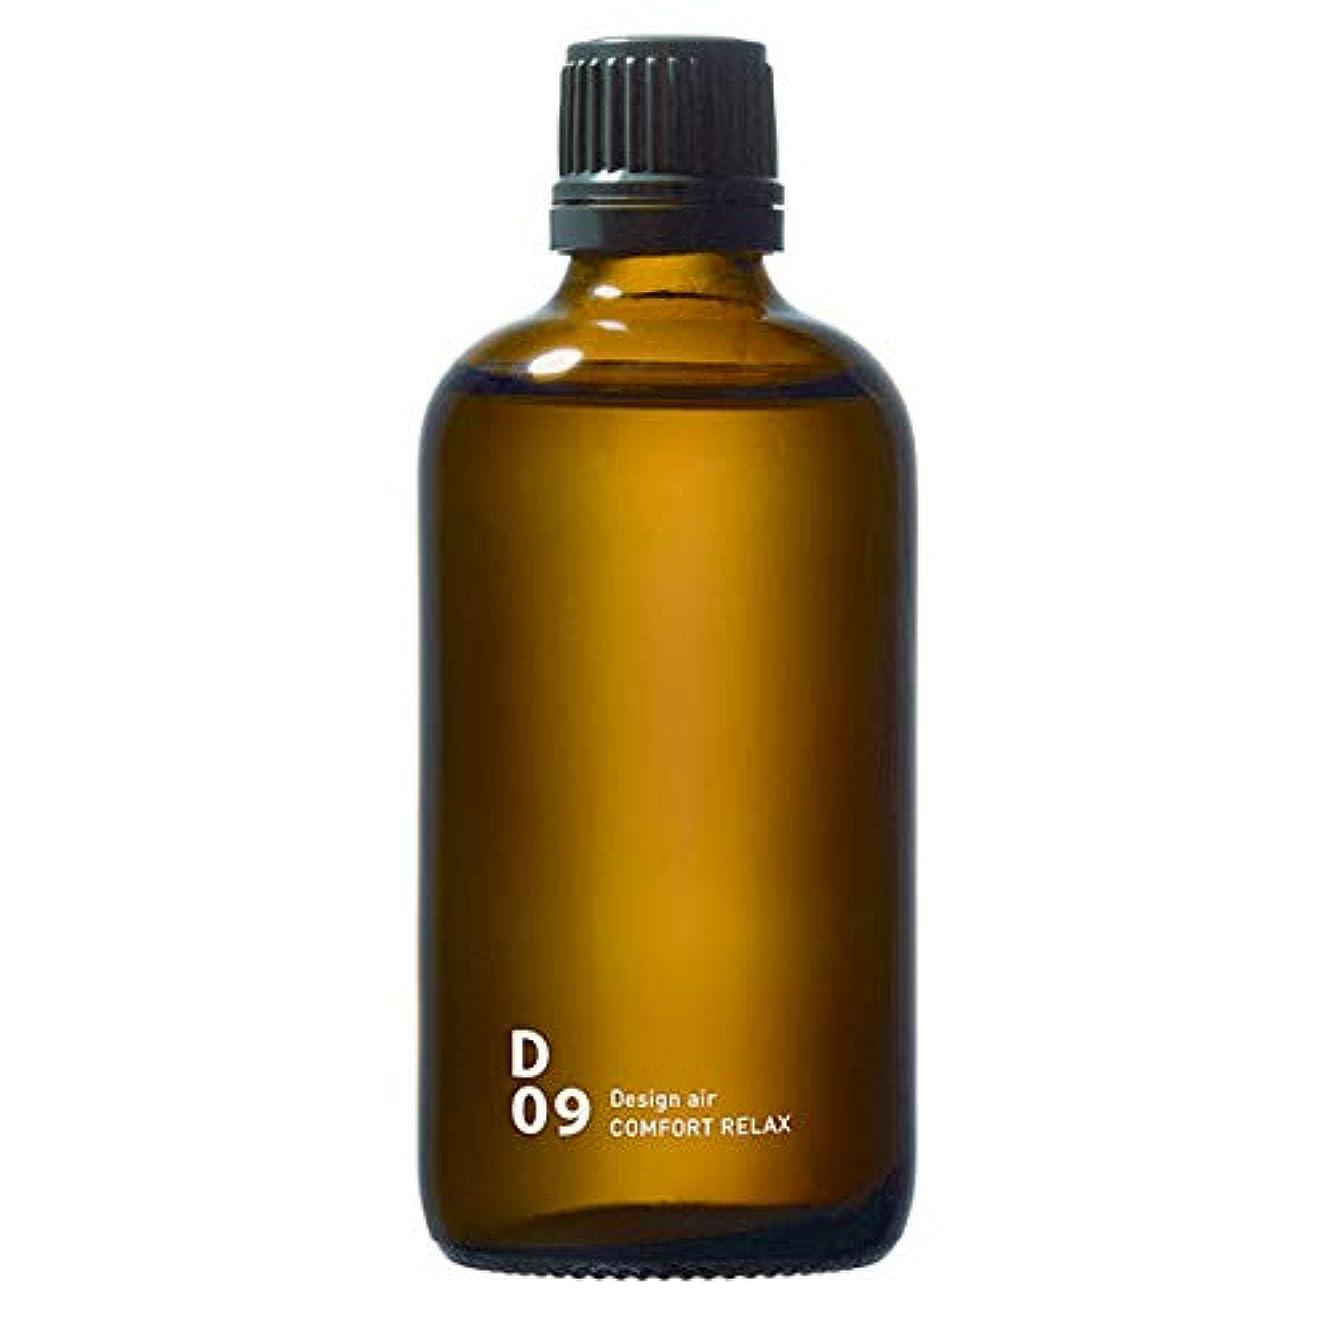 驚むさぼり食う枕D09 COMFORT RELAX piezo aroma oil 100ml